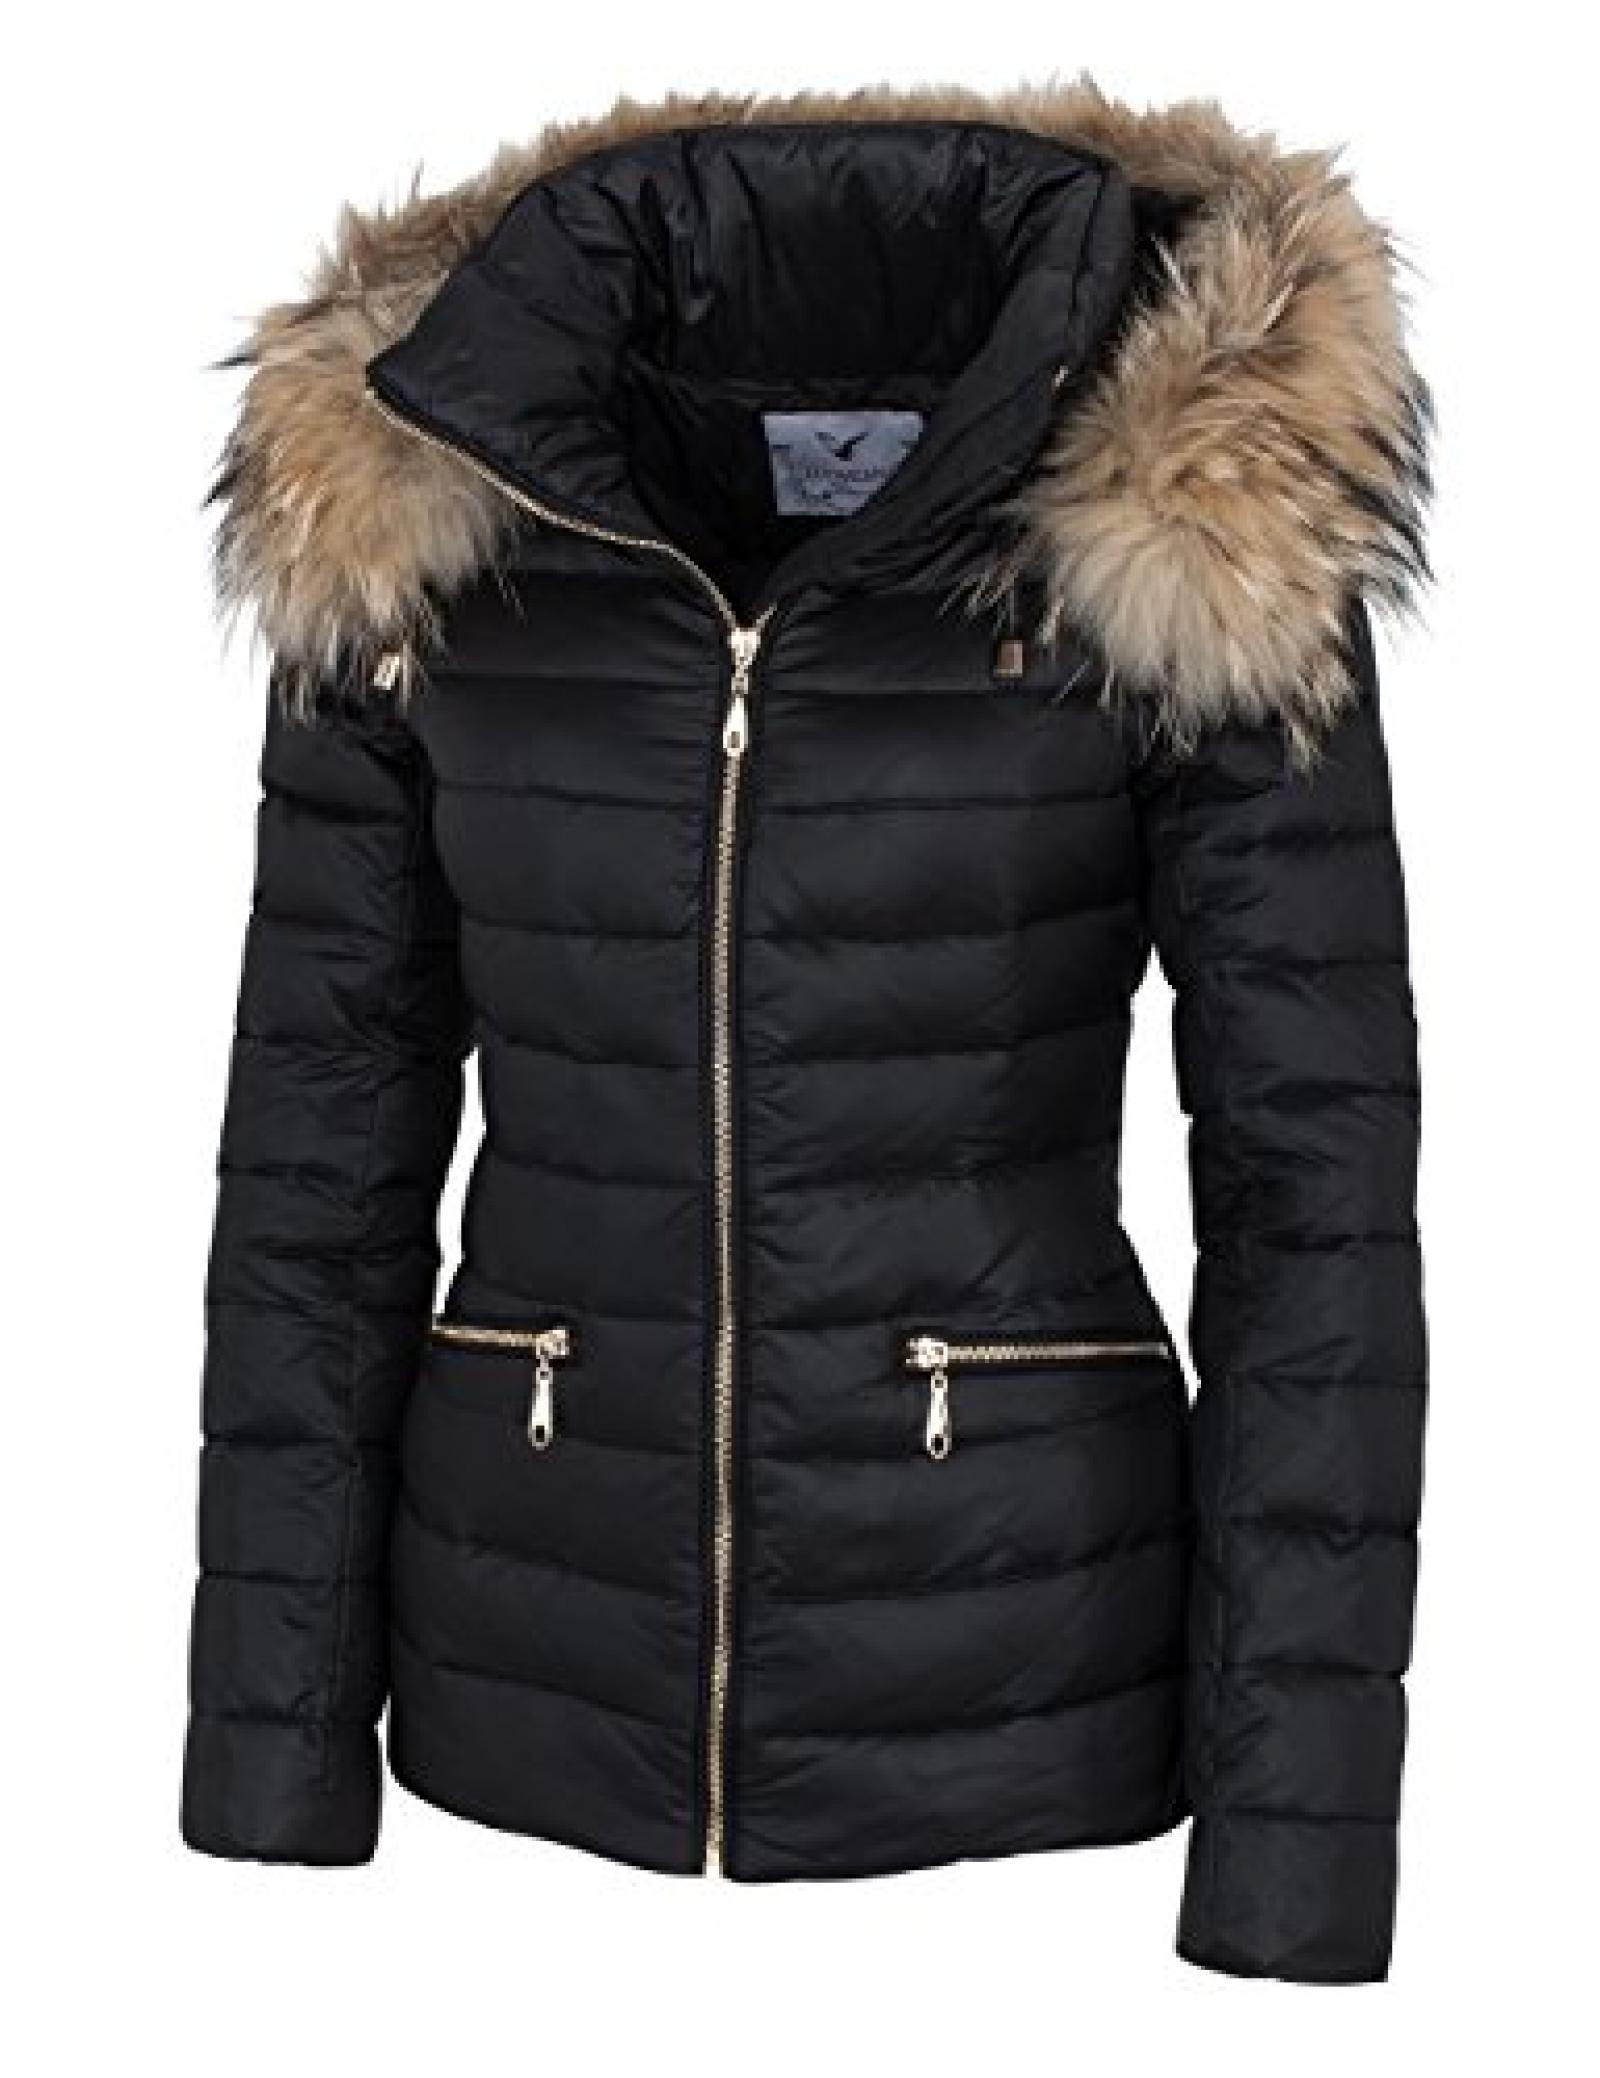 14W015 Damen Daunenjacke mit Echtfellkapuze Winterjacke Jacke mit Echtfell schwarz Herbst/WINTER 2015